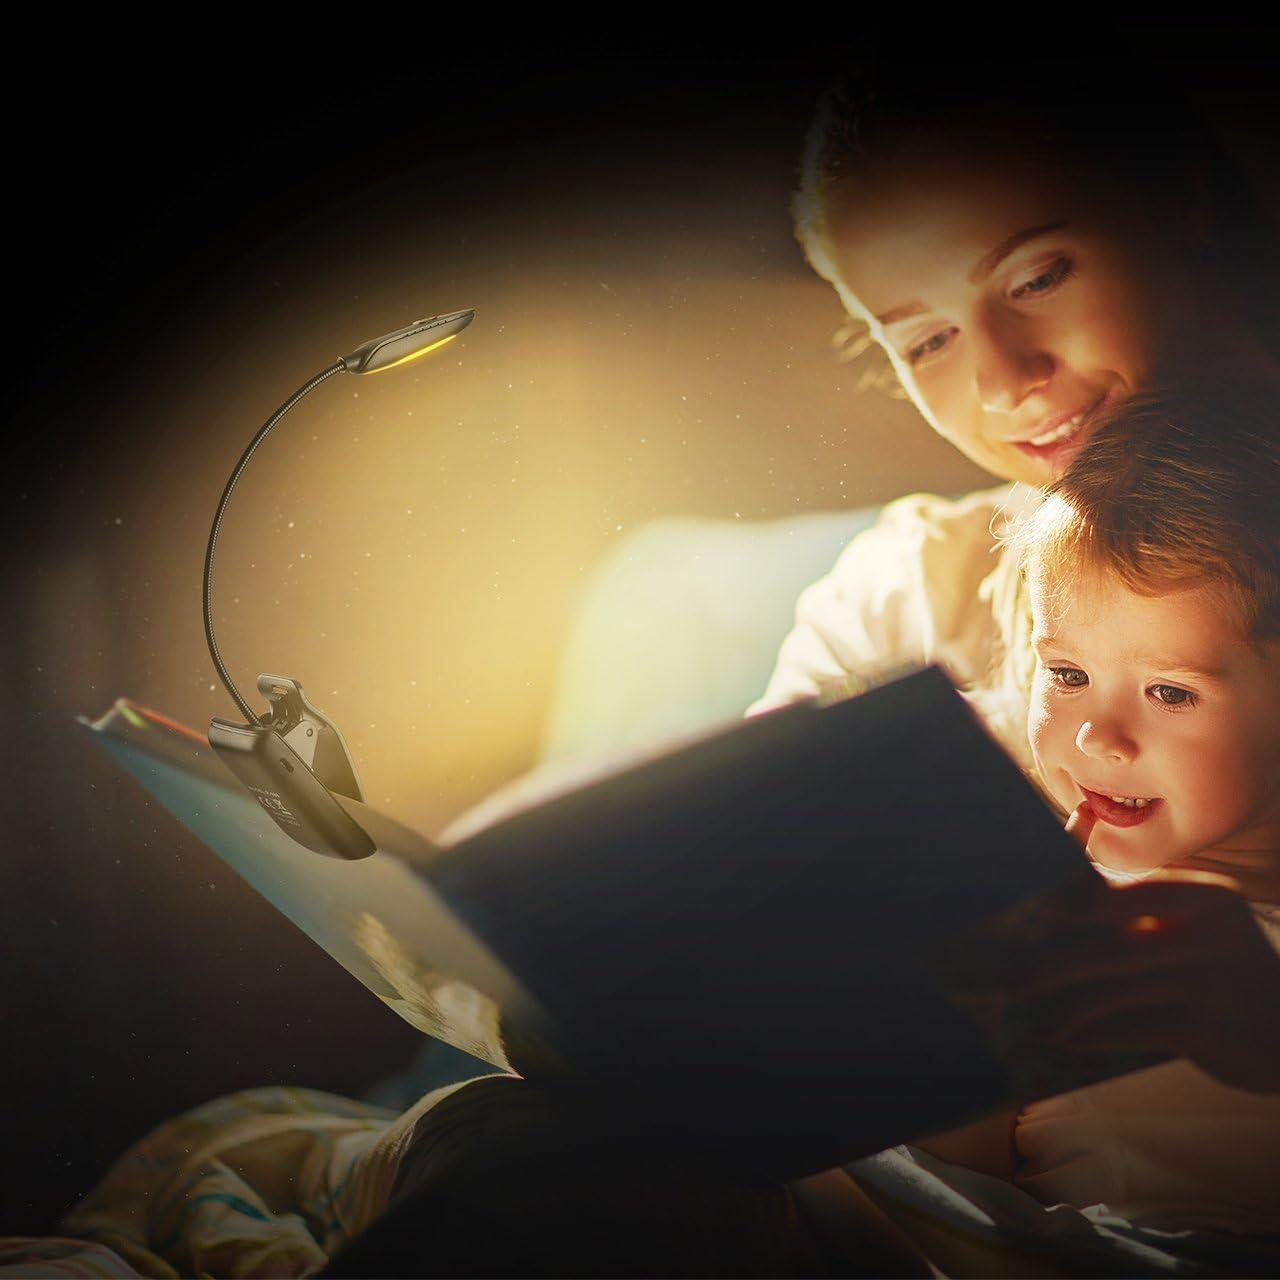 7 LED Portable Rechargeable 3 Modes de Temp/érature de Couleurs et 3 Niveaux de Luminosit/é R/églables 60Hrs Travail TOPELEK 【Version Verte】 Lampe de Lecture pour Livres